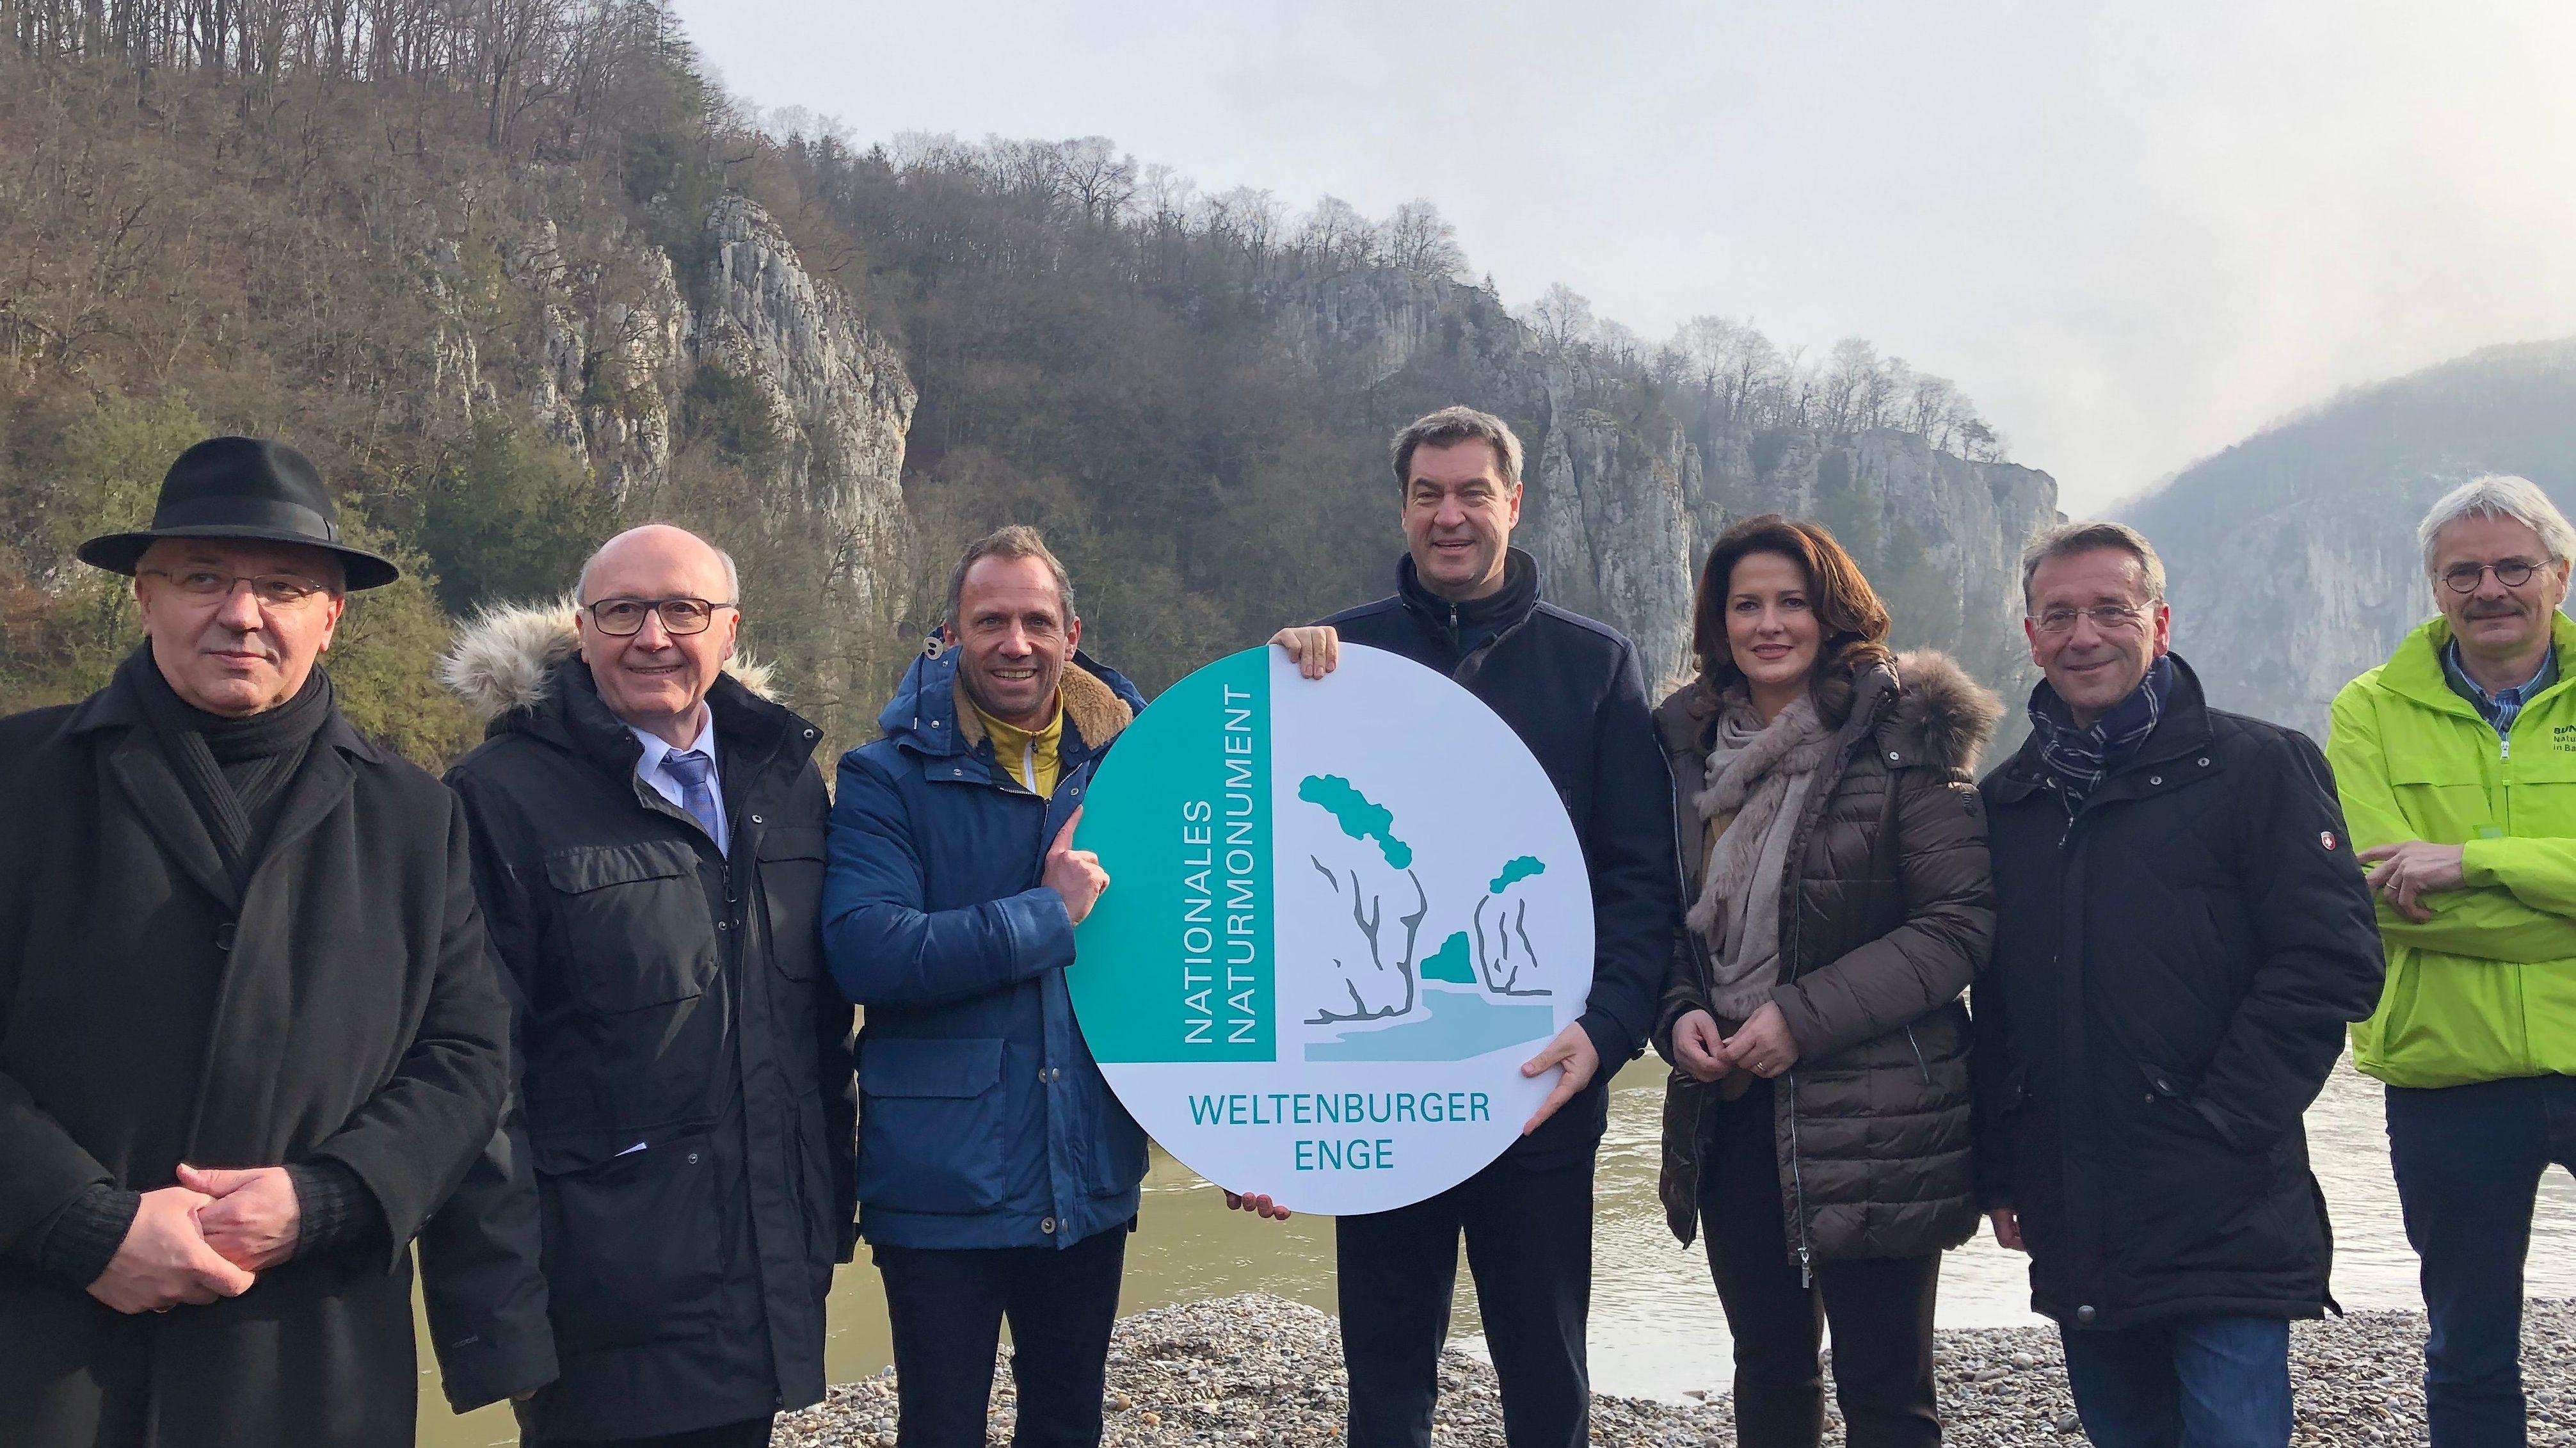 Die Verantwortlichen um Umweltminister Glauber, Ministerpräsident Söder und Landwirtschaftsministerin Kaniber am Donnerstag am Donaudurchbruch